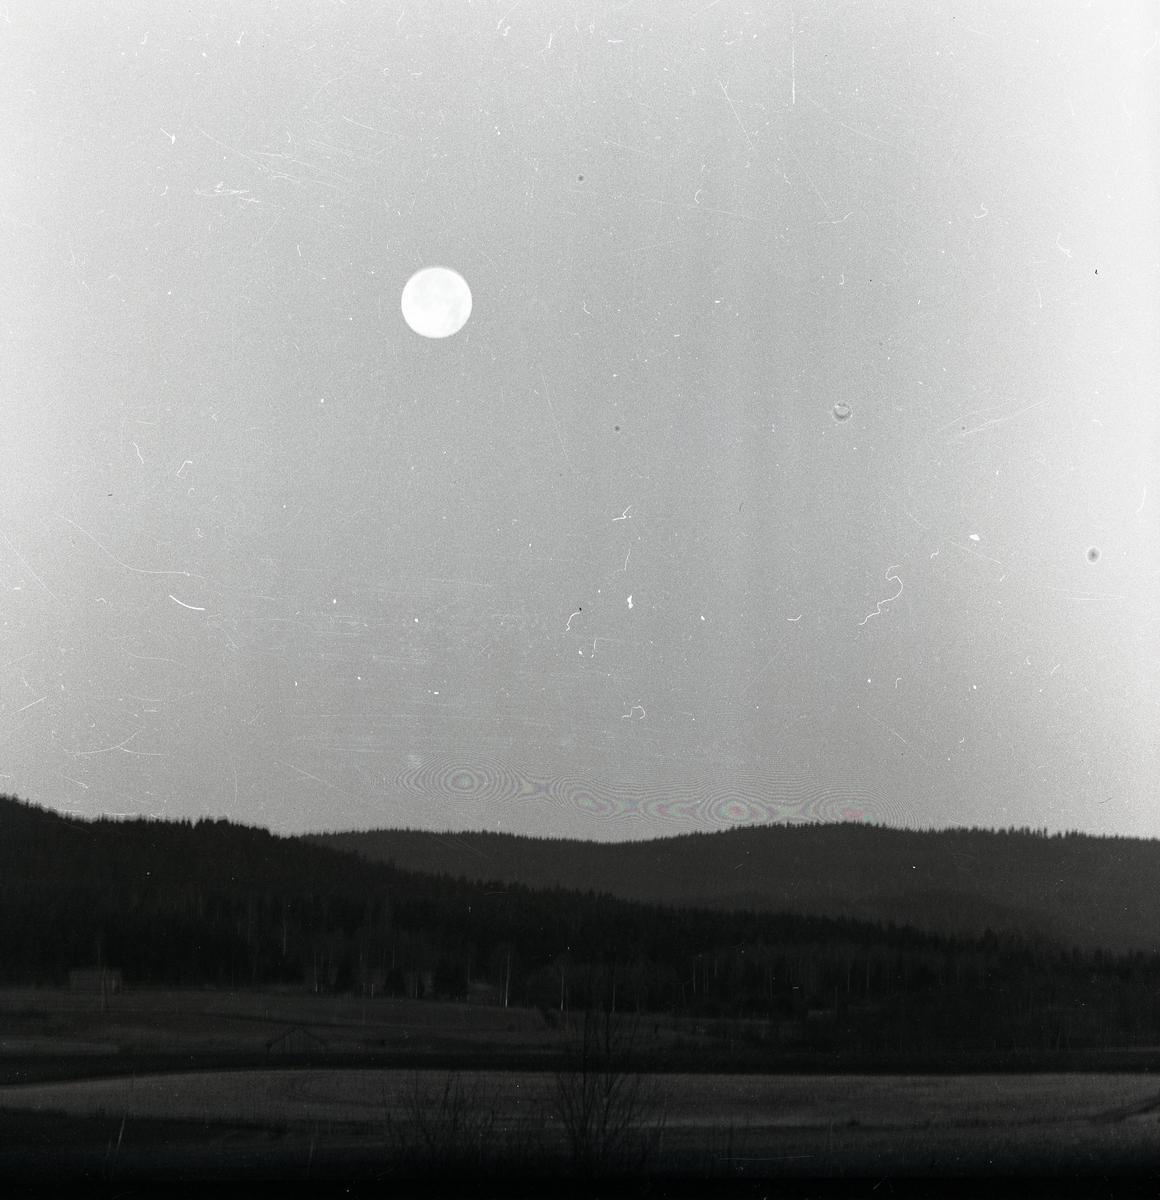 Fullmånen lyser på himlen den 17 december 1956.